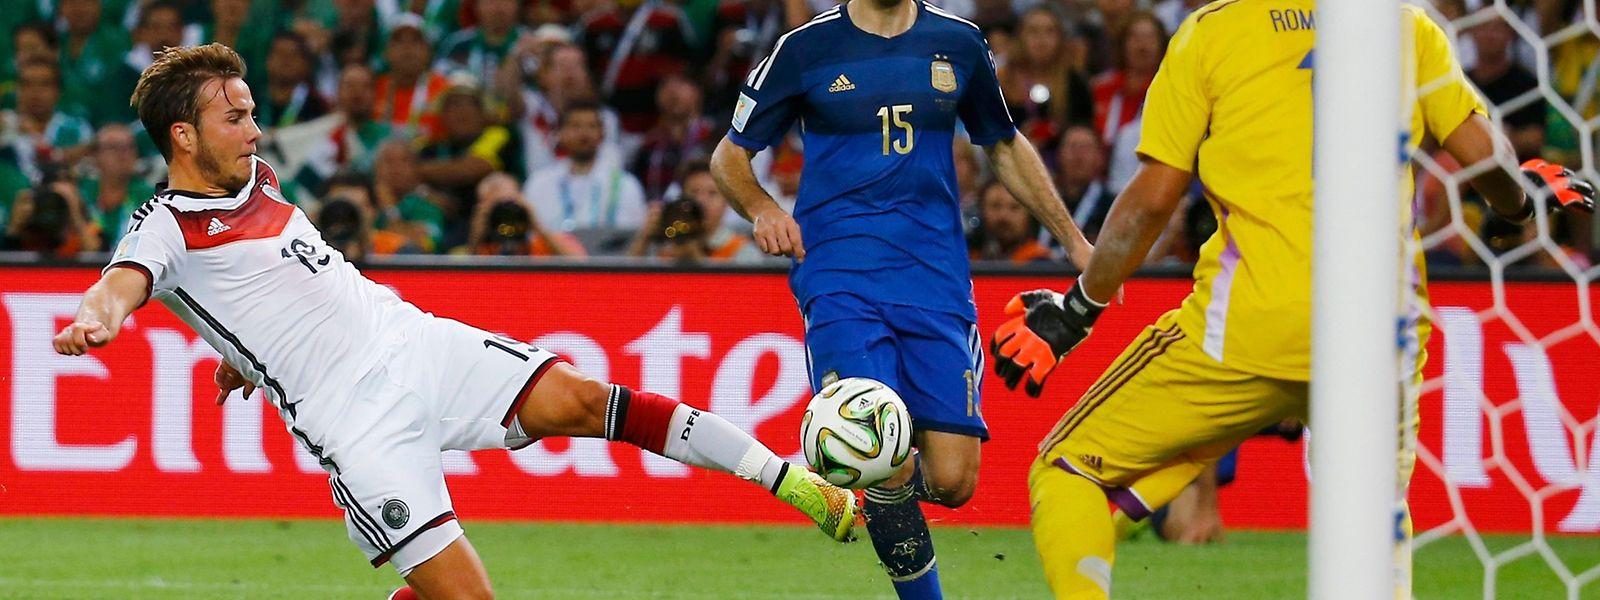 Eines der wichtigeren Tore bei einer WM-Endrunde: Mario Götze trifft gegen Argentinien zum Finalgewinn 2014. Insgesamt fielen bisher 2379 WM-Tore.